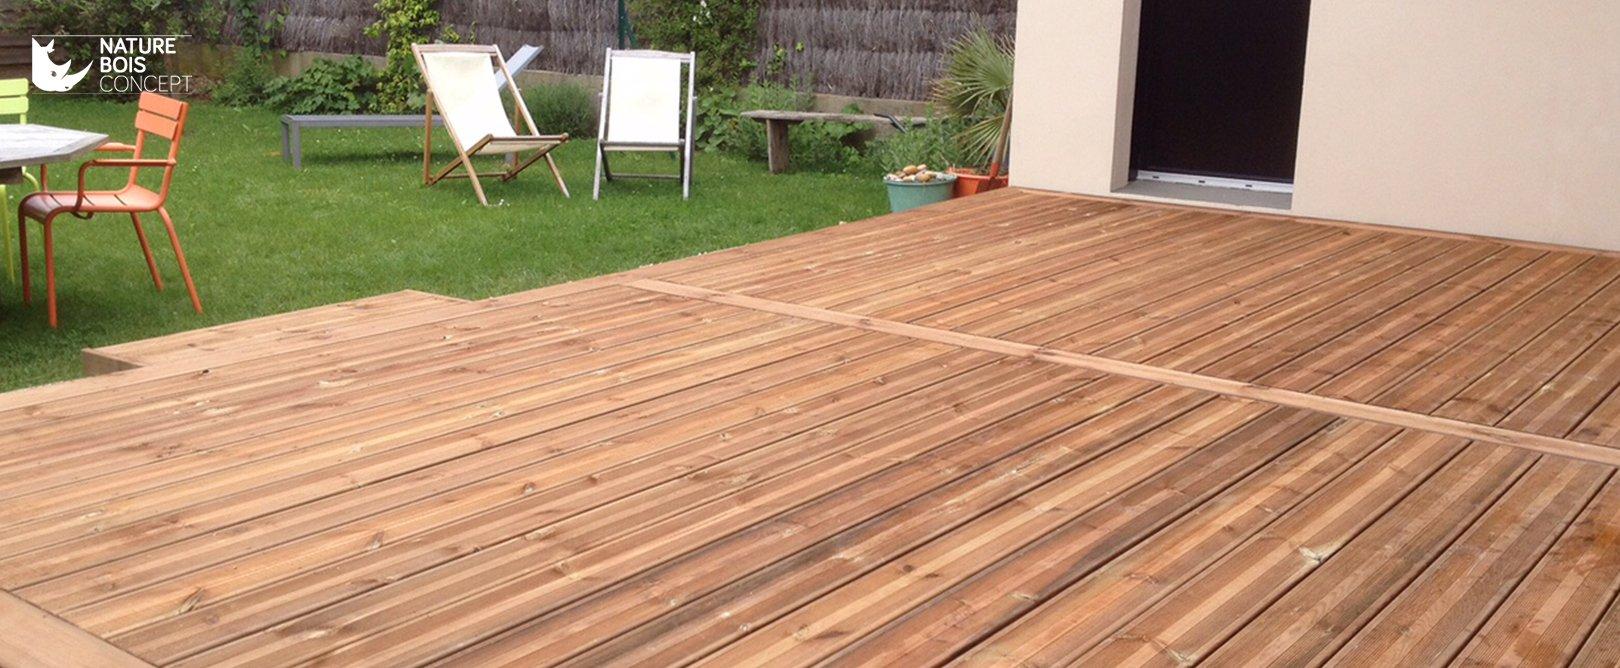 Traitement Terrasse Pin Autoclave pin sylvestre : présentation de cette essence de bois résineux